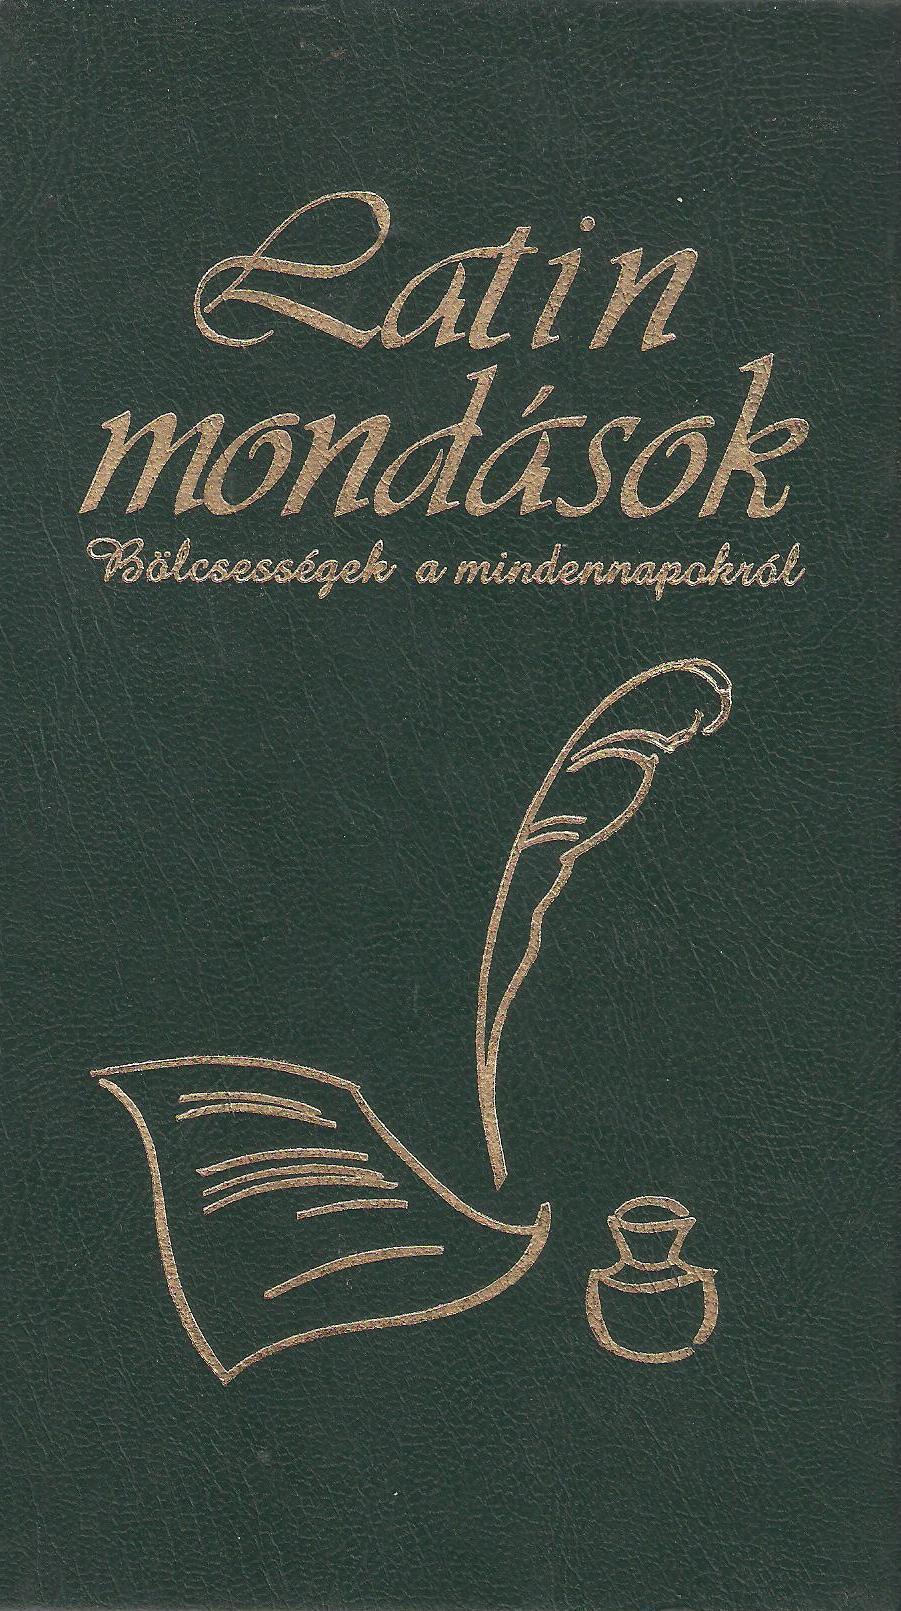 latin idézetek magyarul Latin mondások   Bölcsességek a mindennapokról (könyv)   | Rukkola.hu